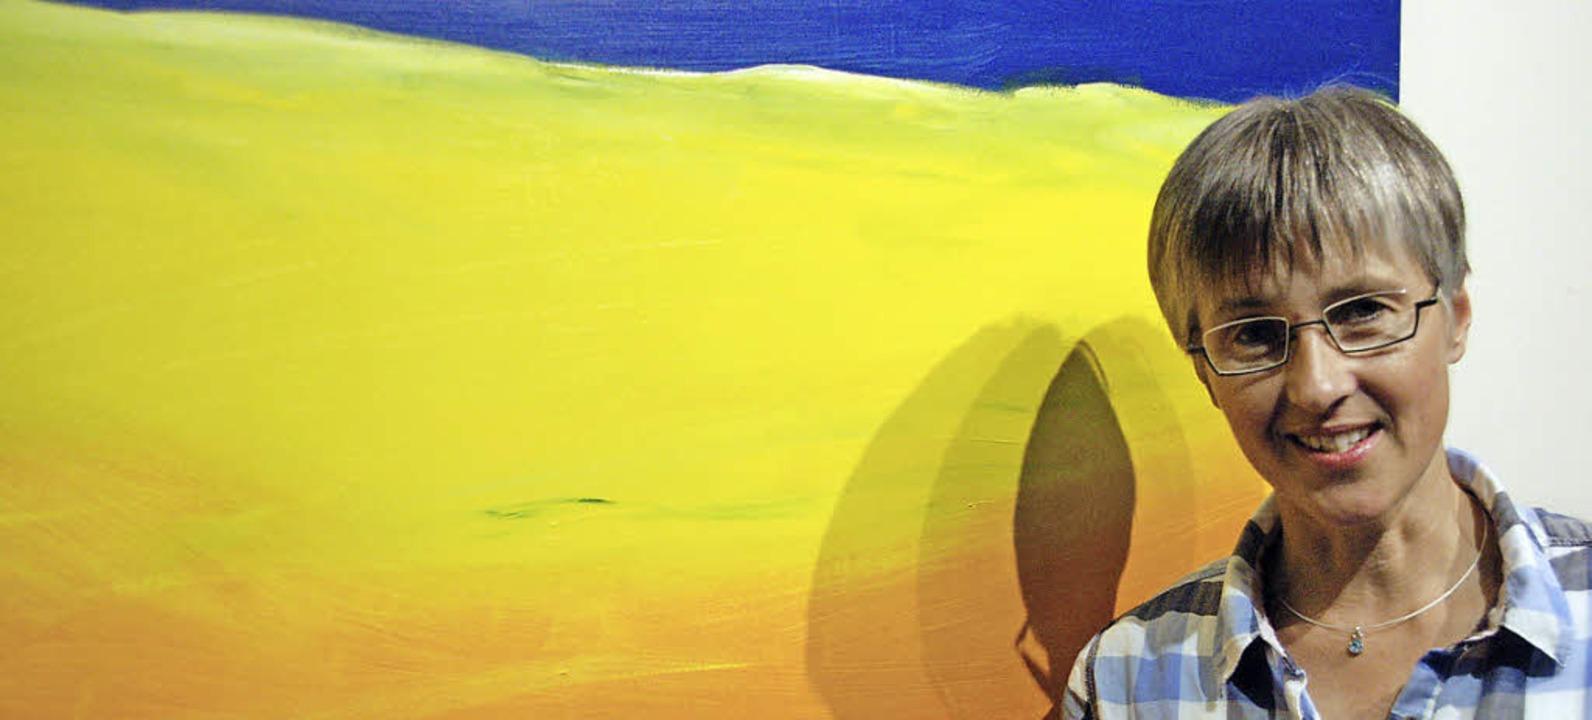 Zwei Künstlerinnen und ihre Bilderwelten: Heike Hesse stellt in Gundelfingen aus  | Foto: Andrea Steinhart